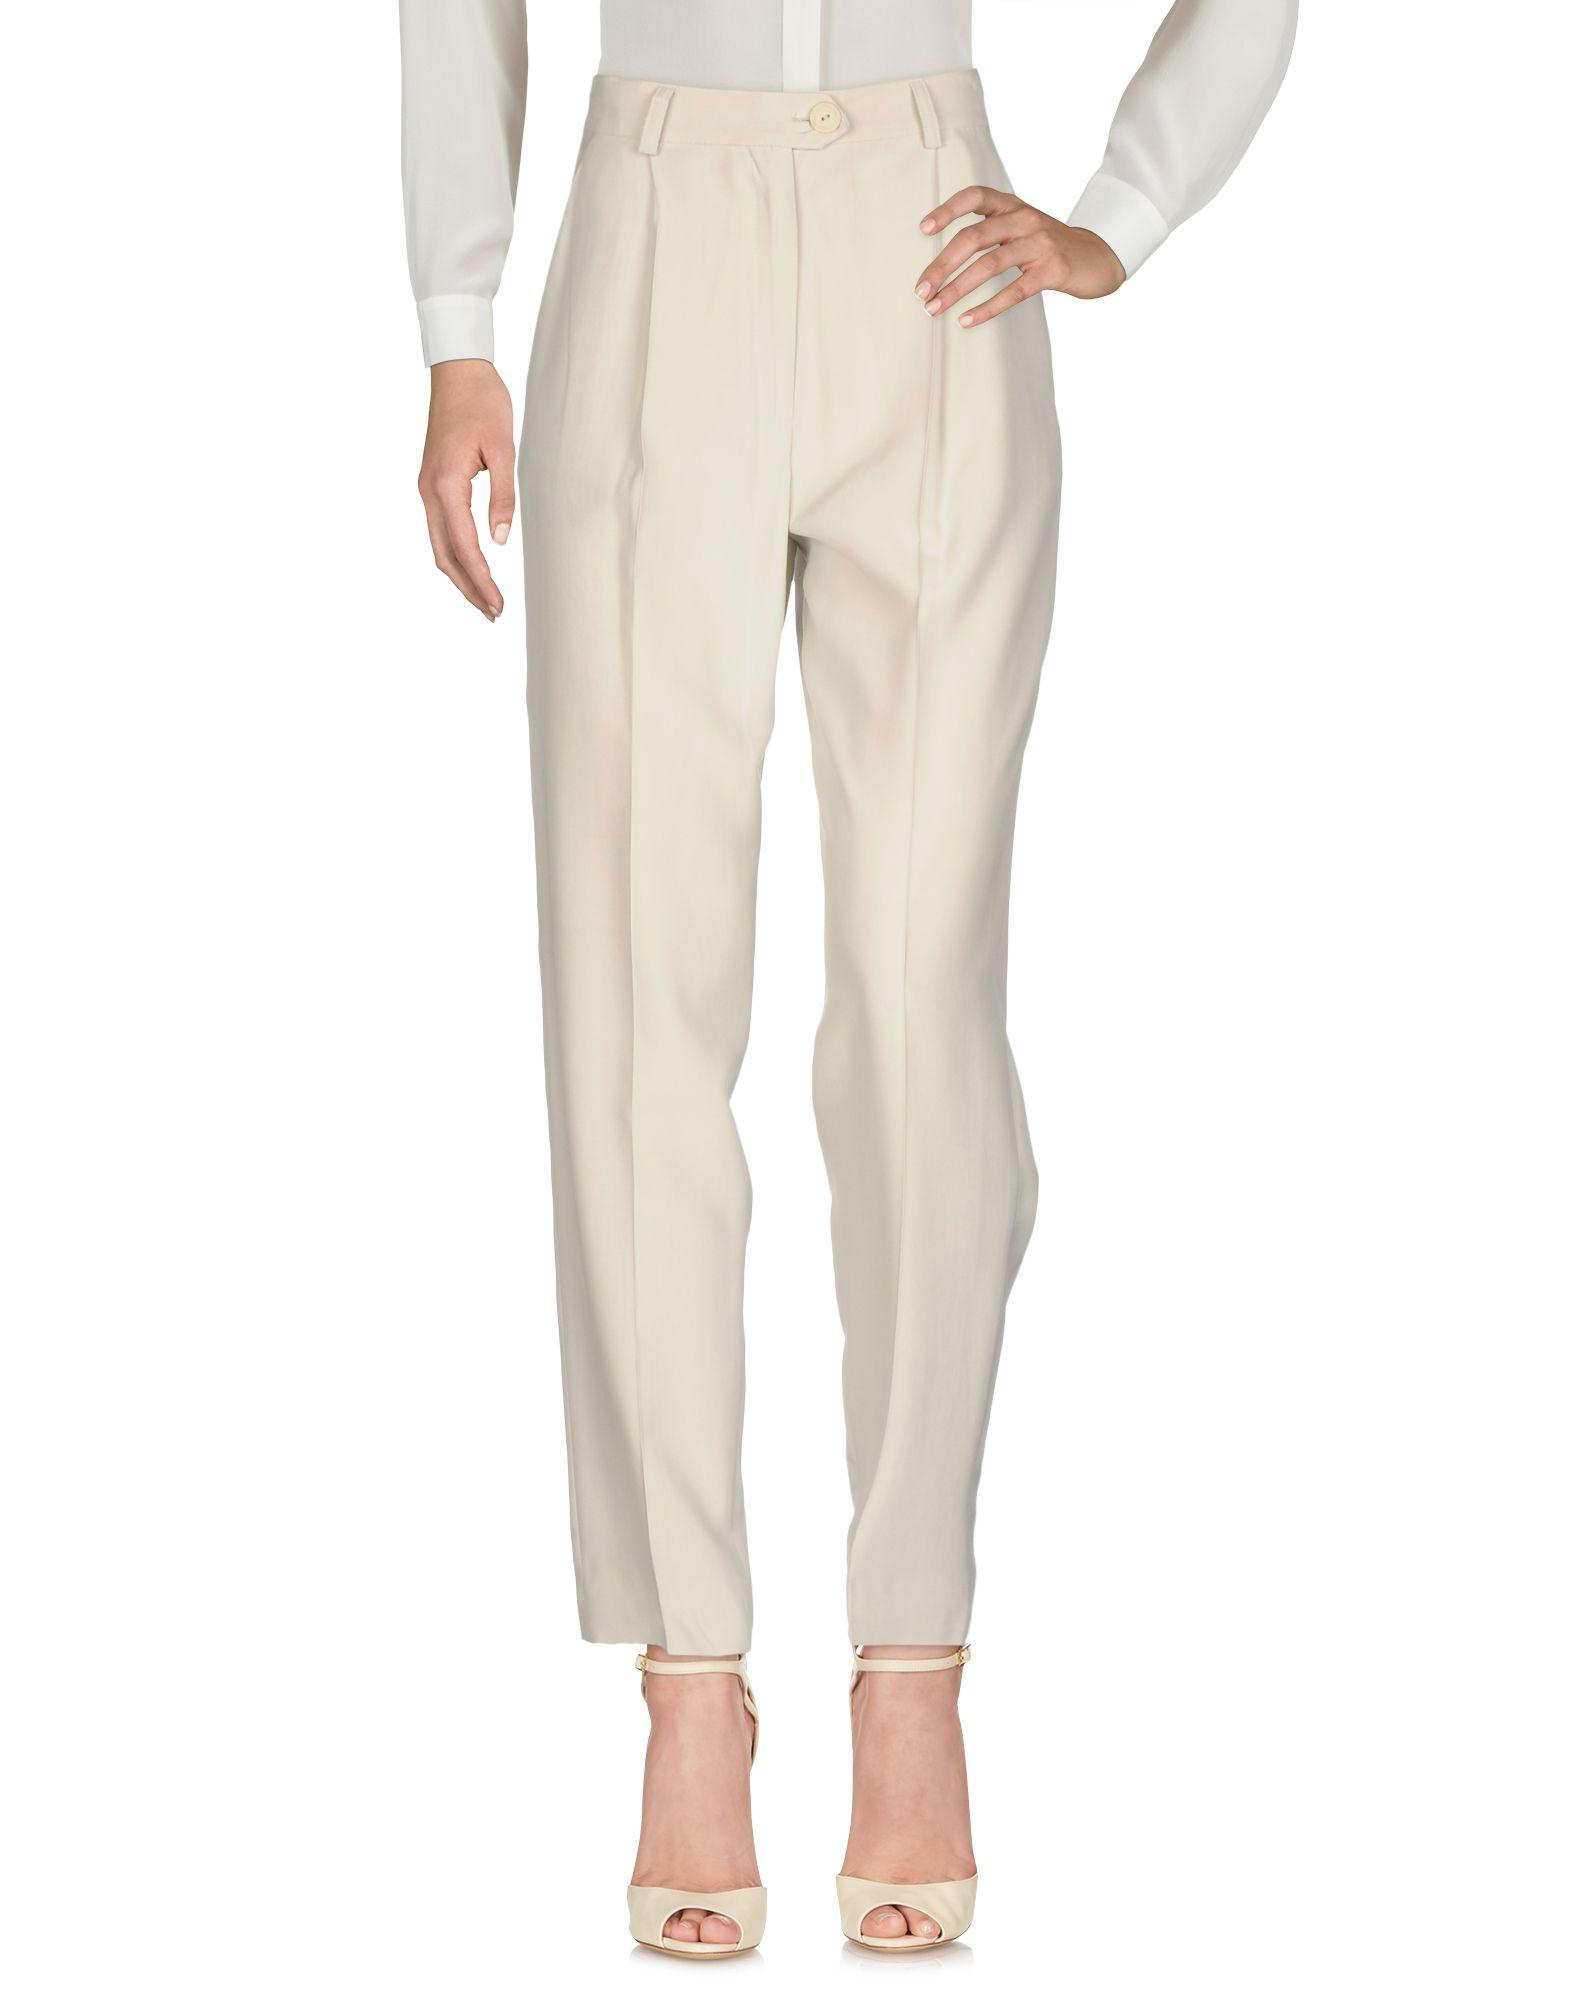 Pantalone Marella Donna - Acquista online su AojPx2